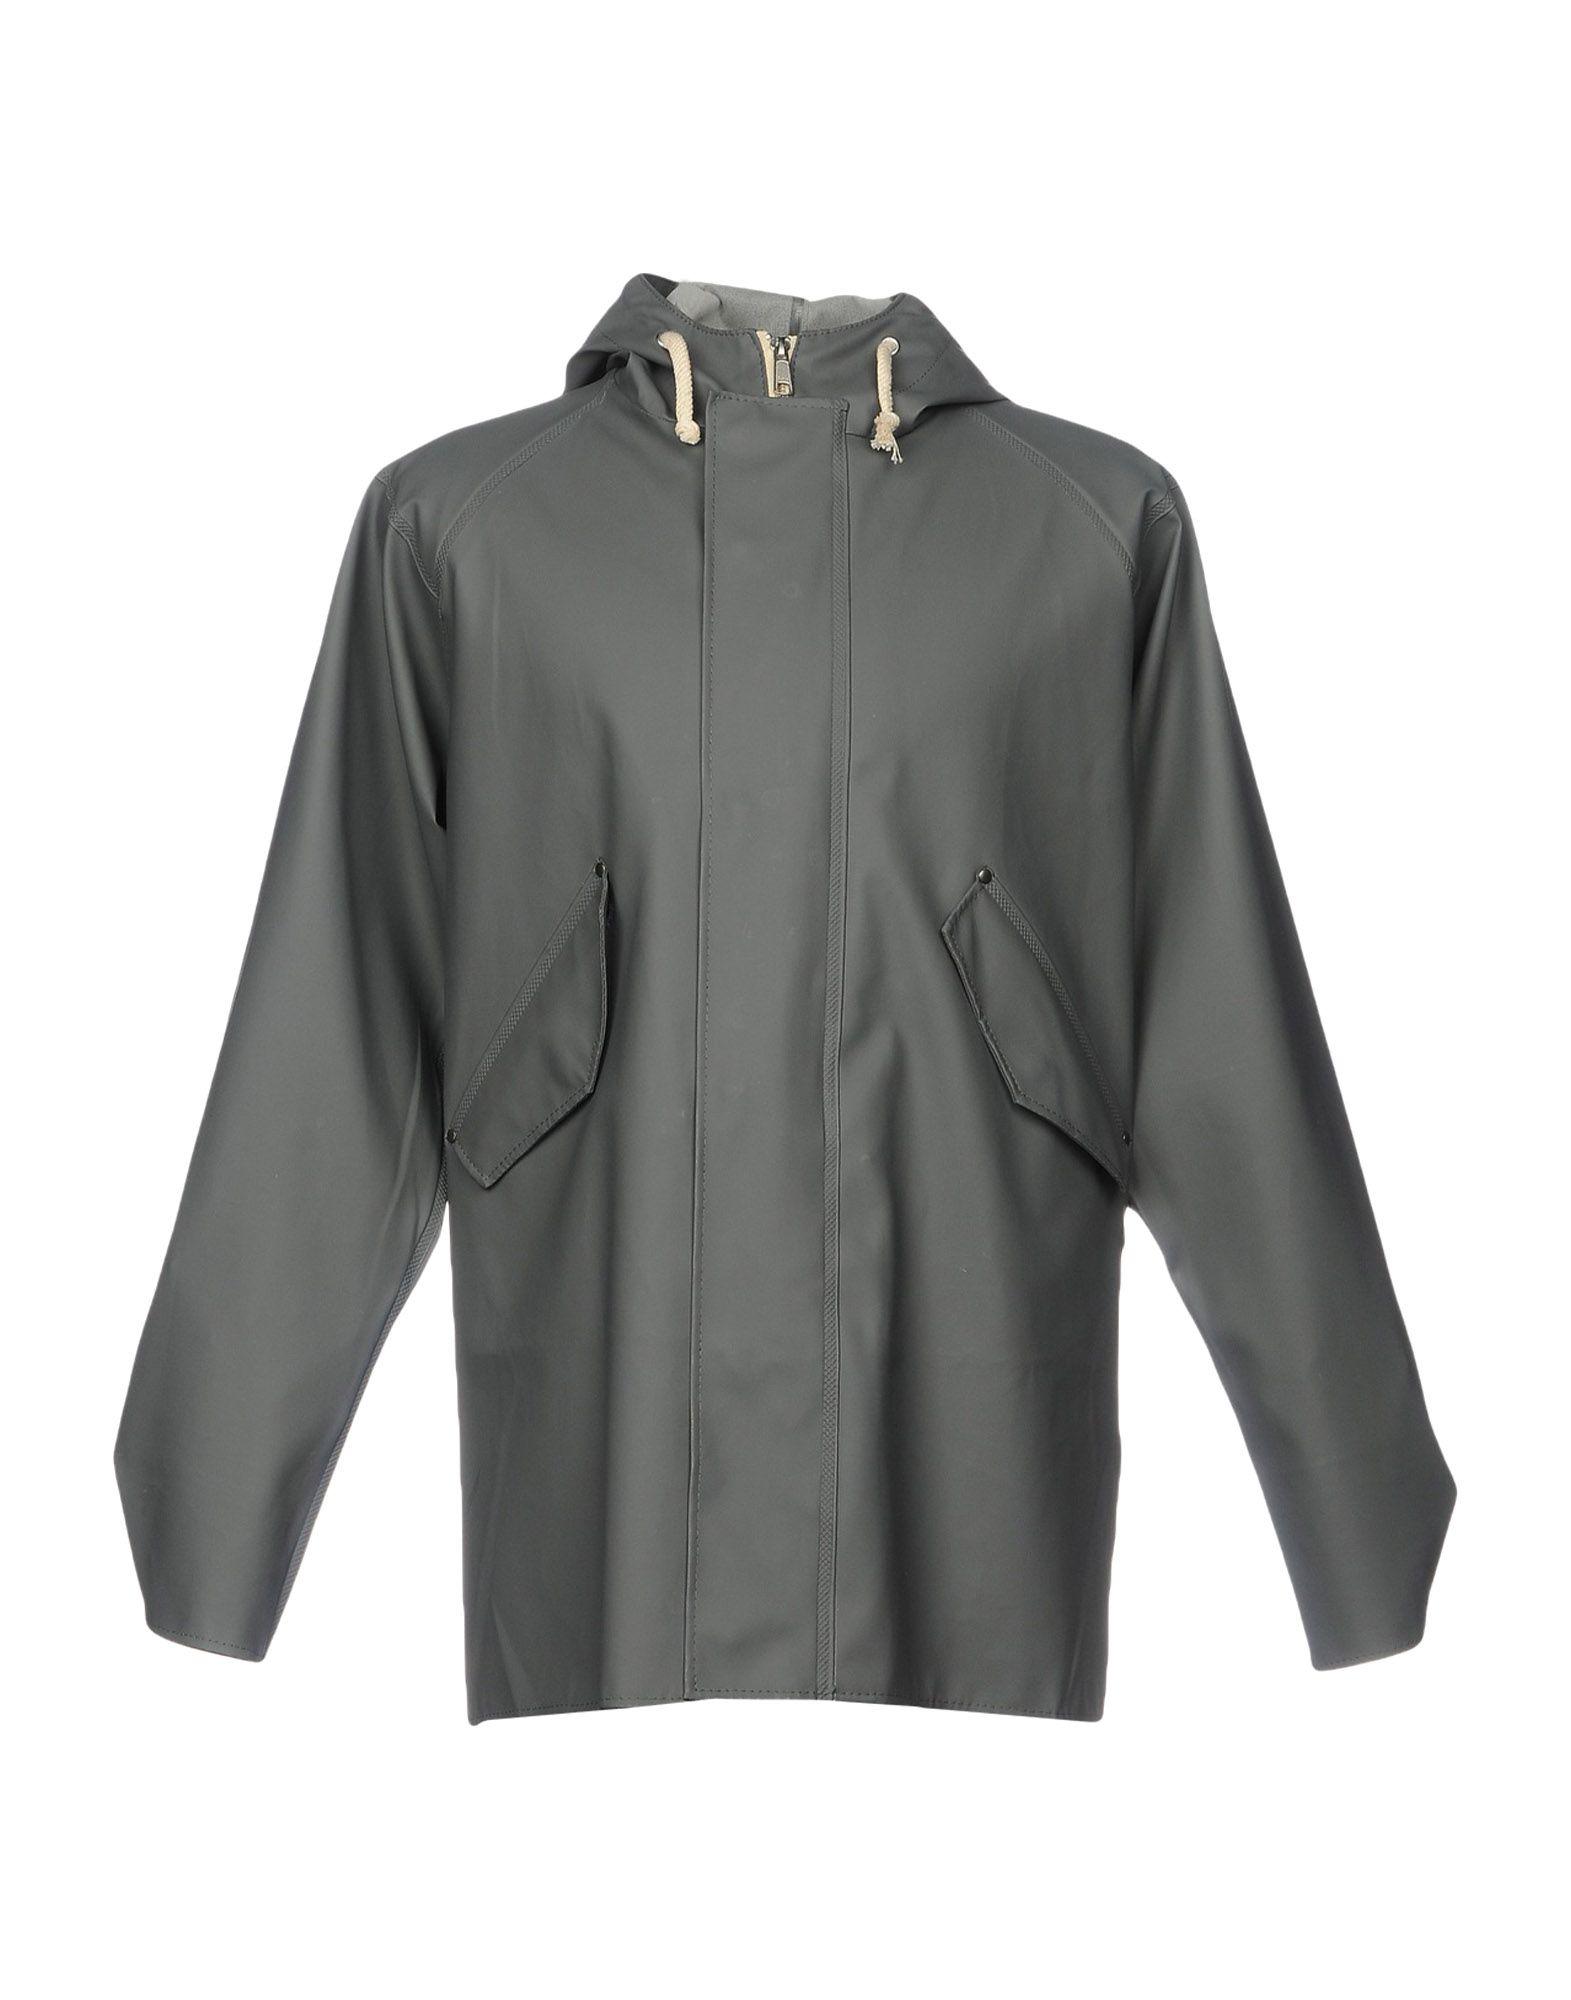 ELKA Full-Length Jacket in Lead